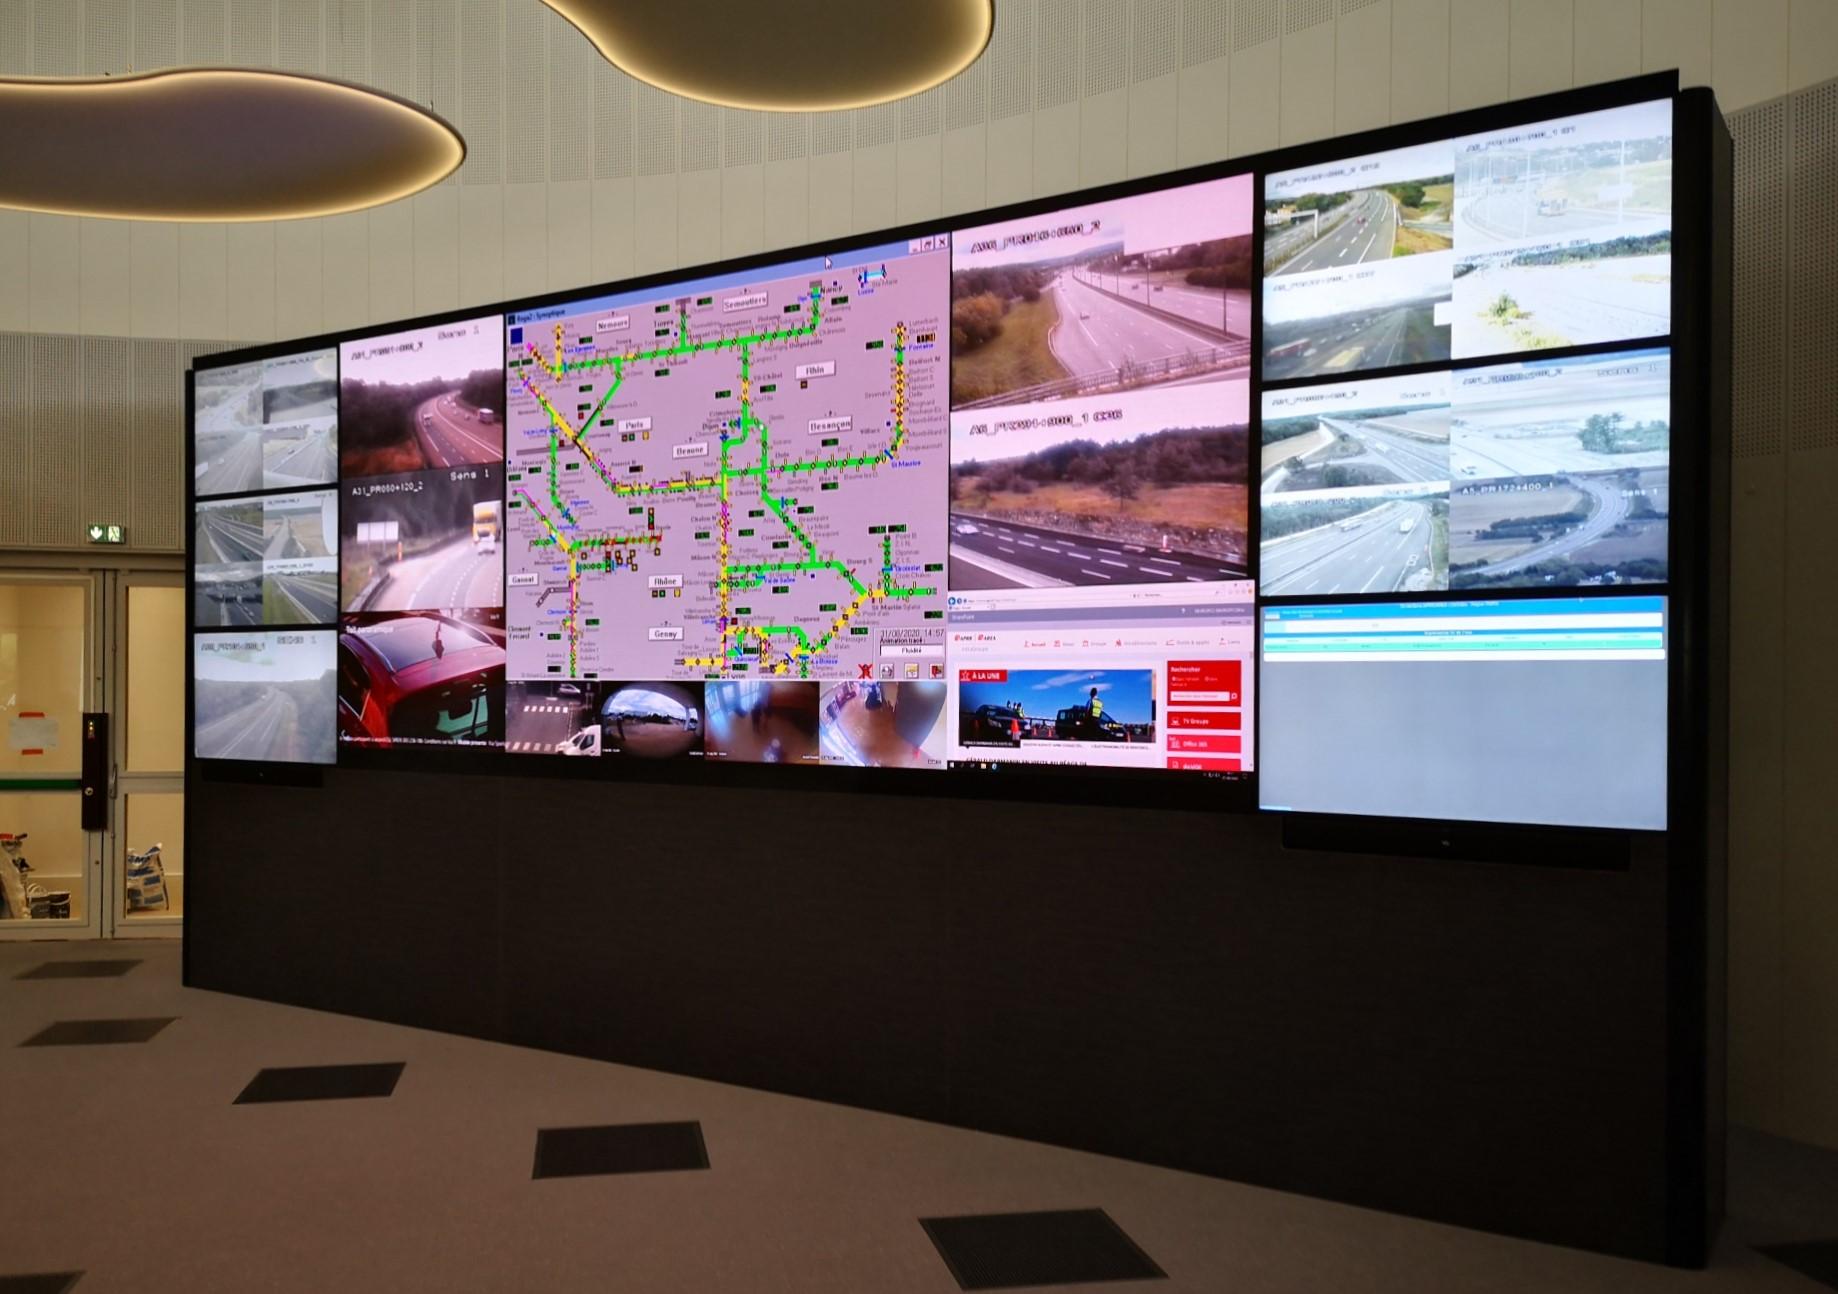 mur d'images LED salle de contrôle